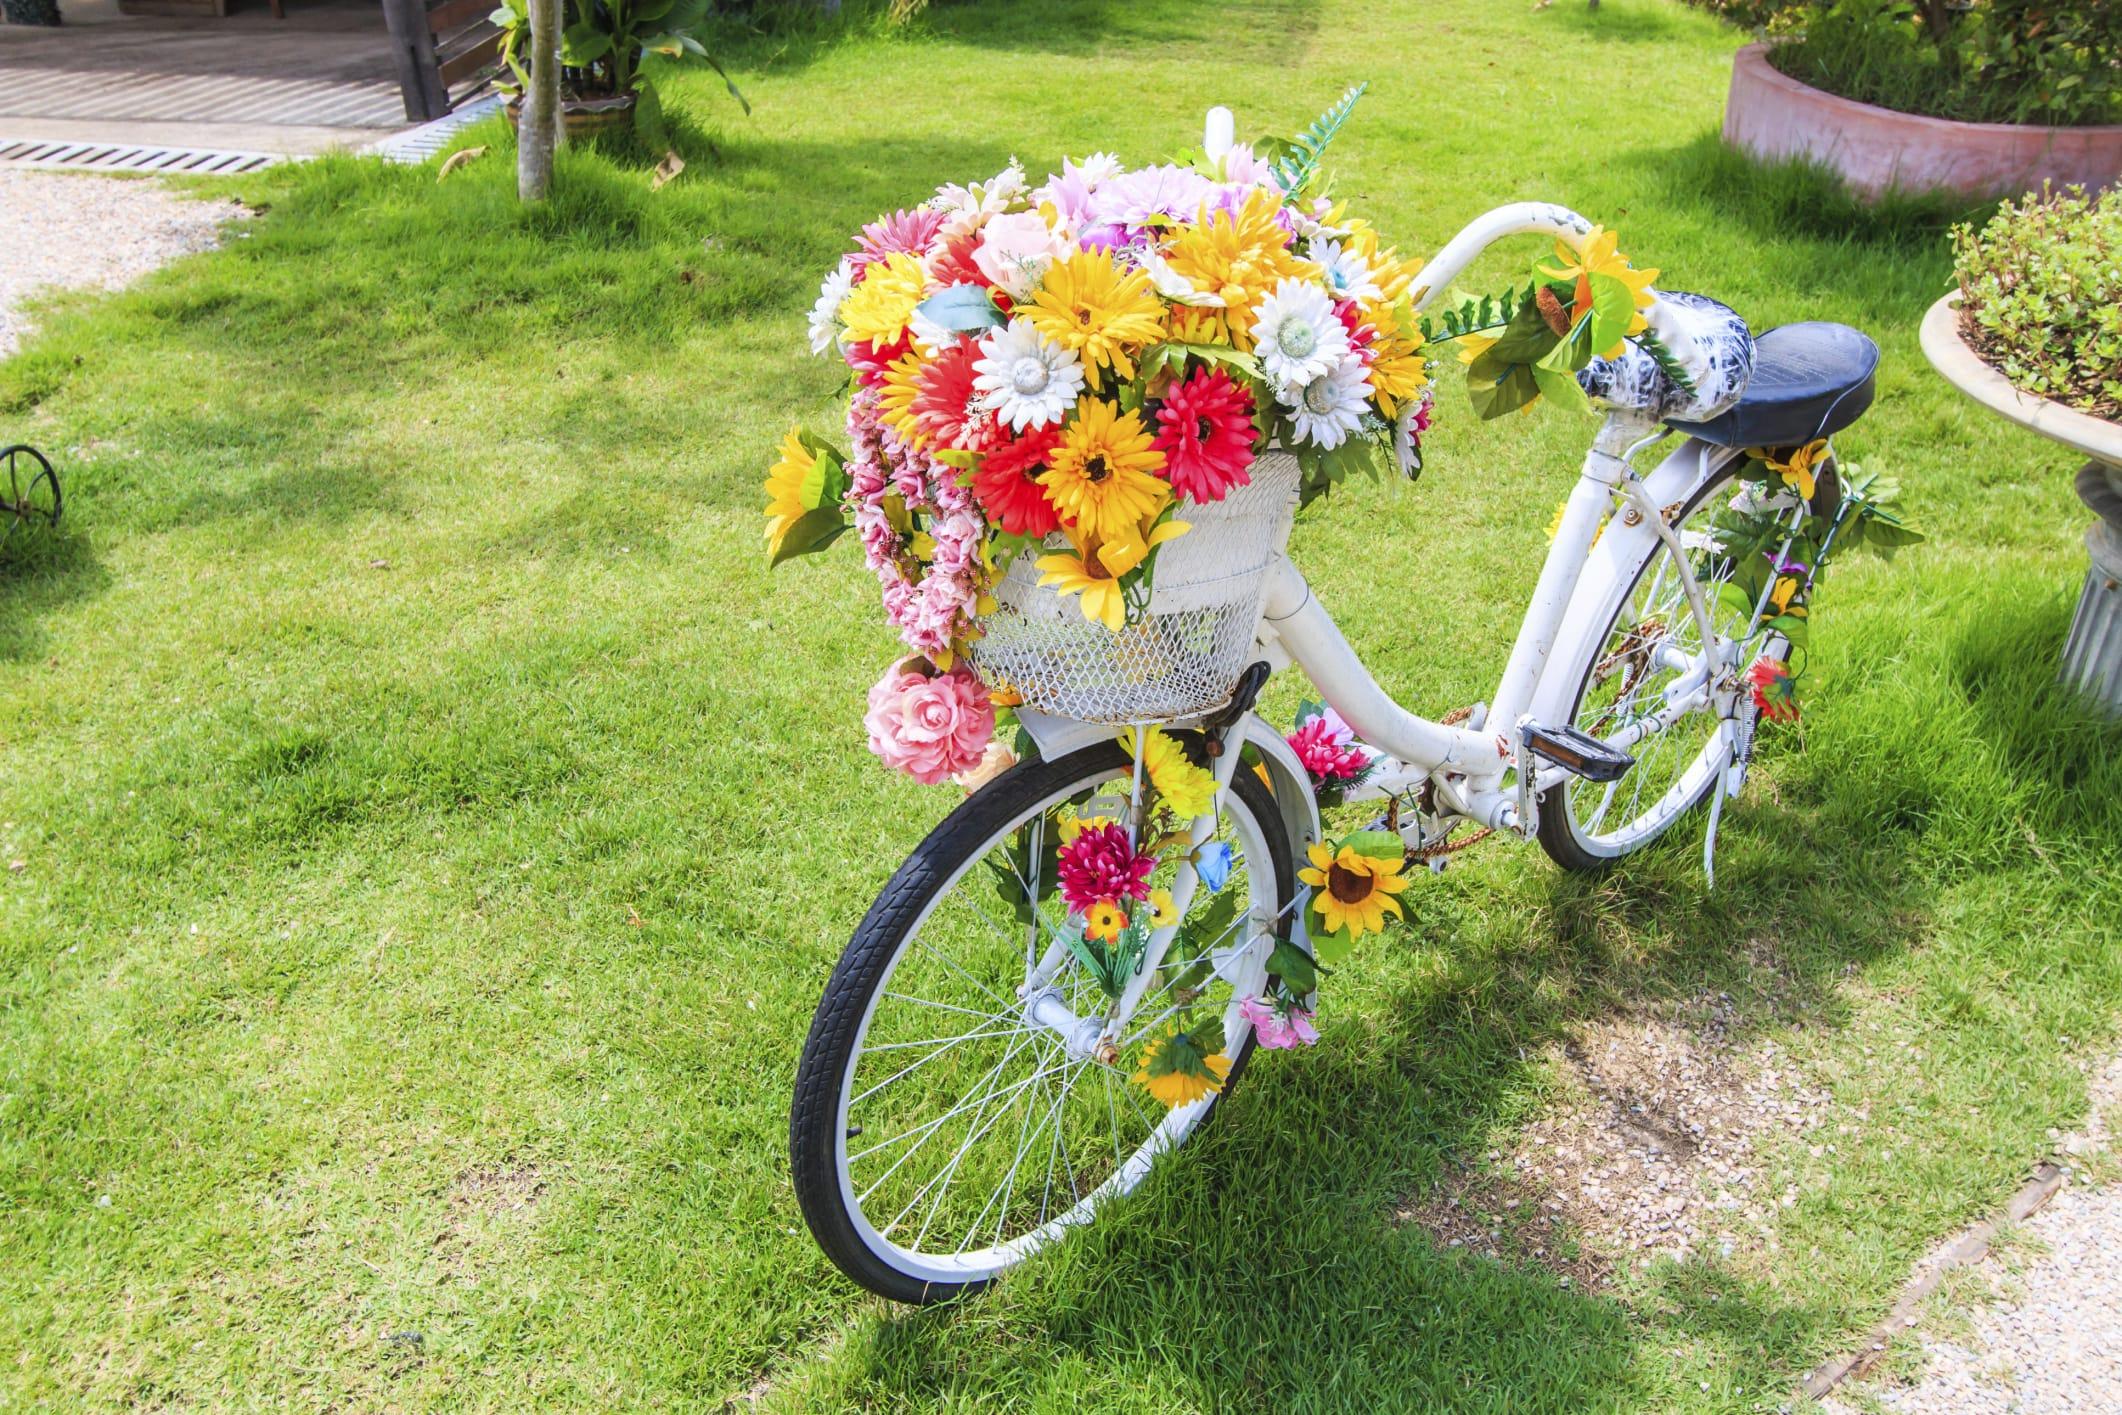 Giardino ecosostenibile e contro gli sprechi 5 consigli - Bicicleta macetero ...